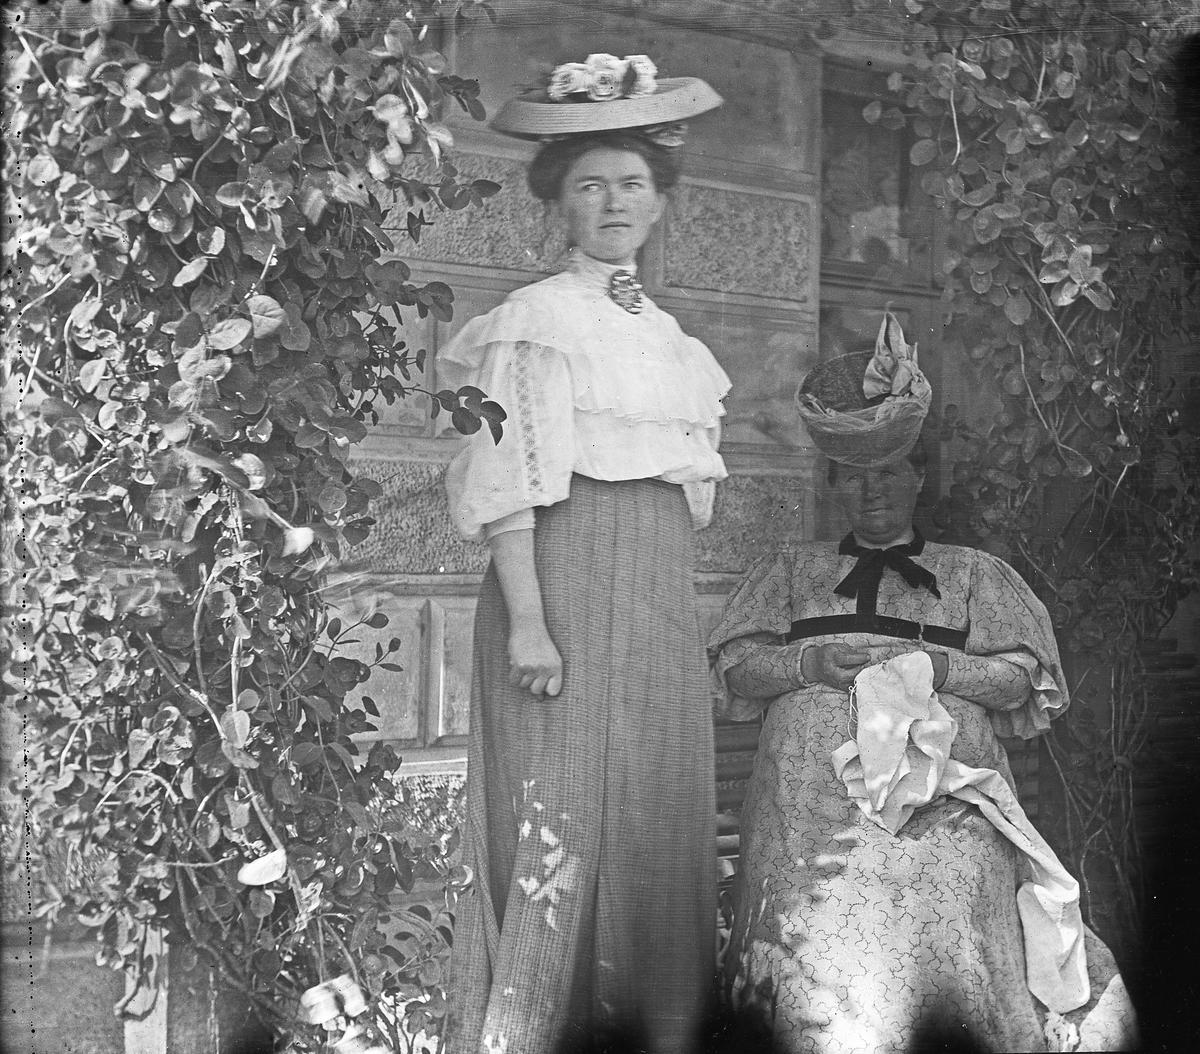 Gruppebilde. 2 kvinner med hatt, en stående den andre sitter, hengeplanter og en murvegg i bakgrunnen